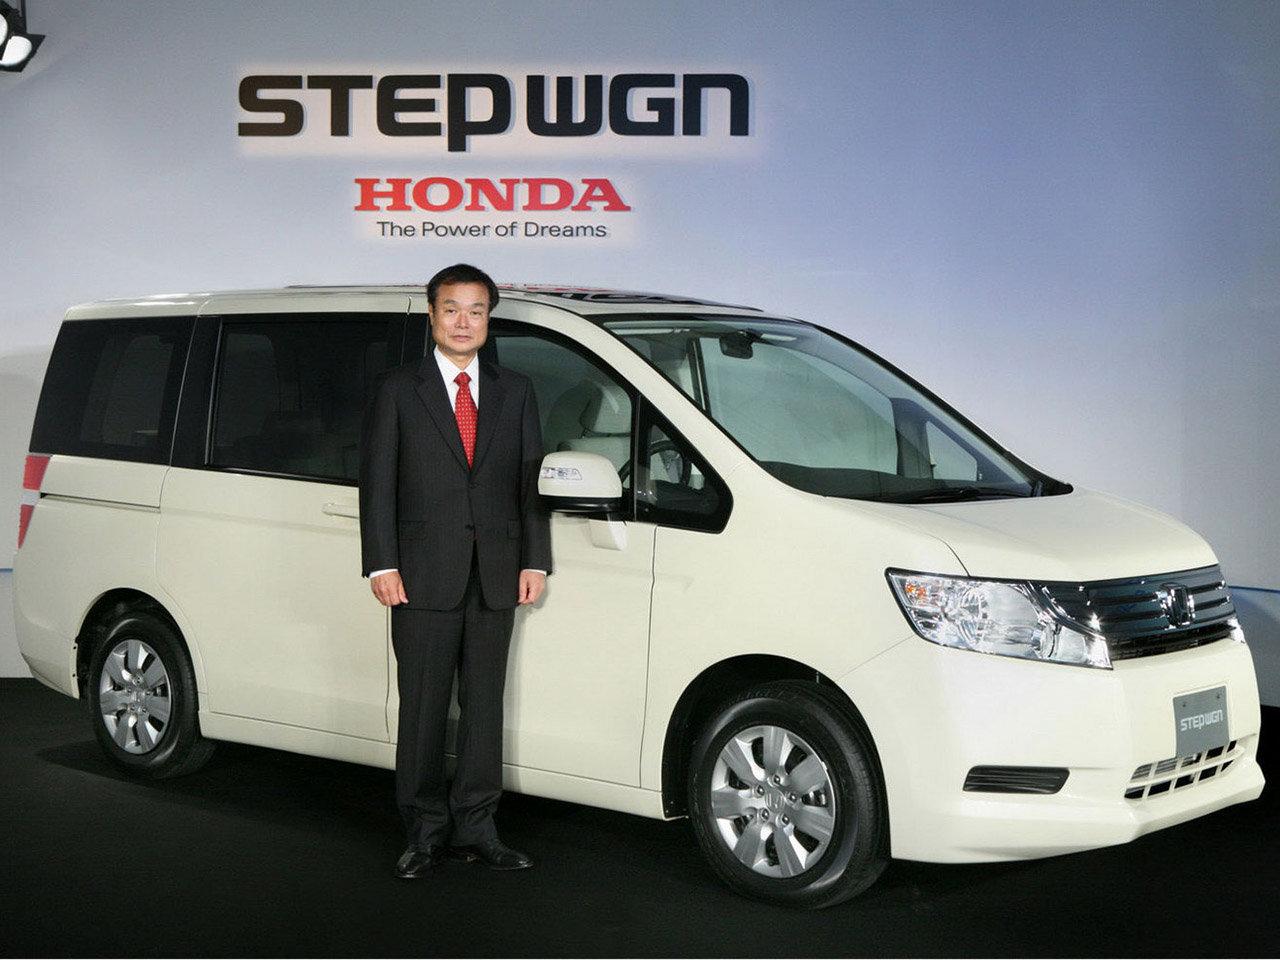 Хонда степвагон 2013 фото